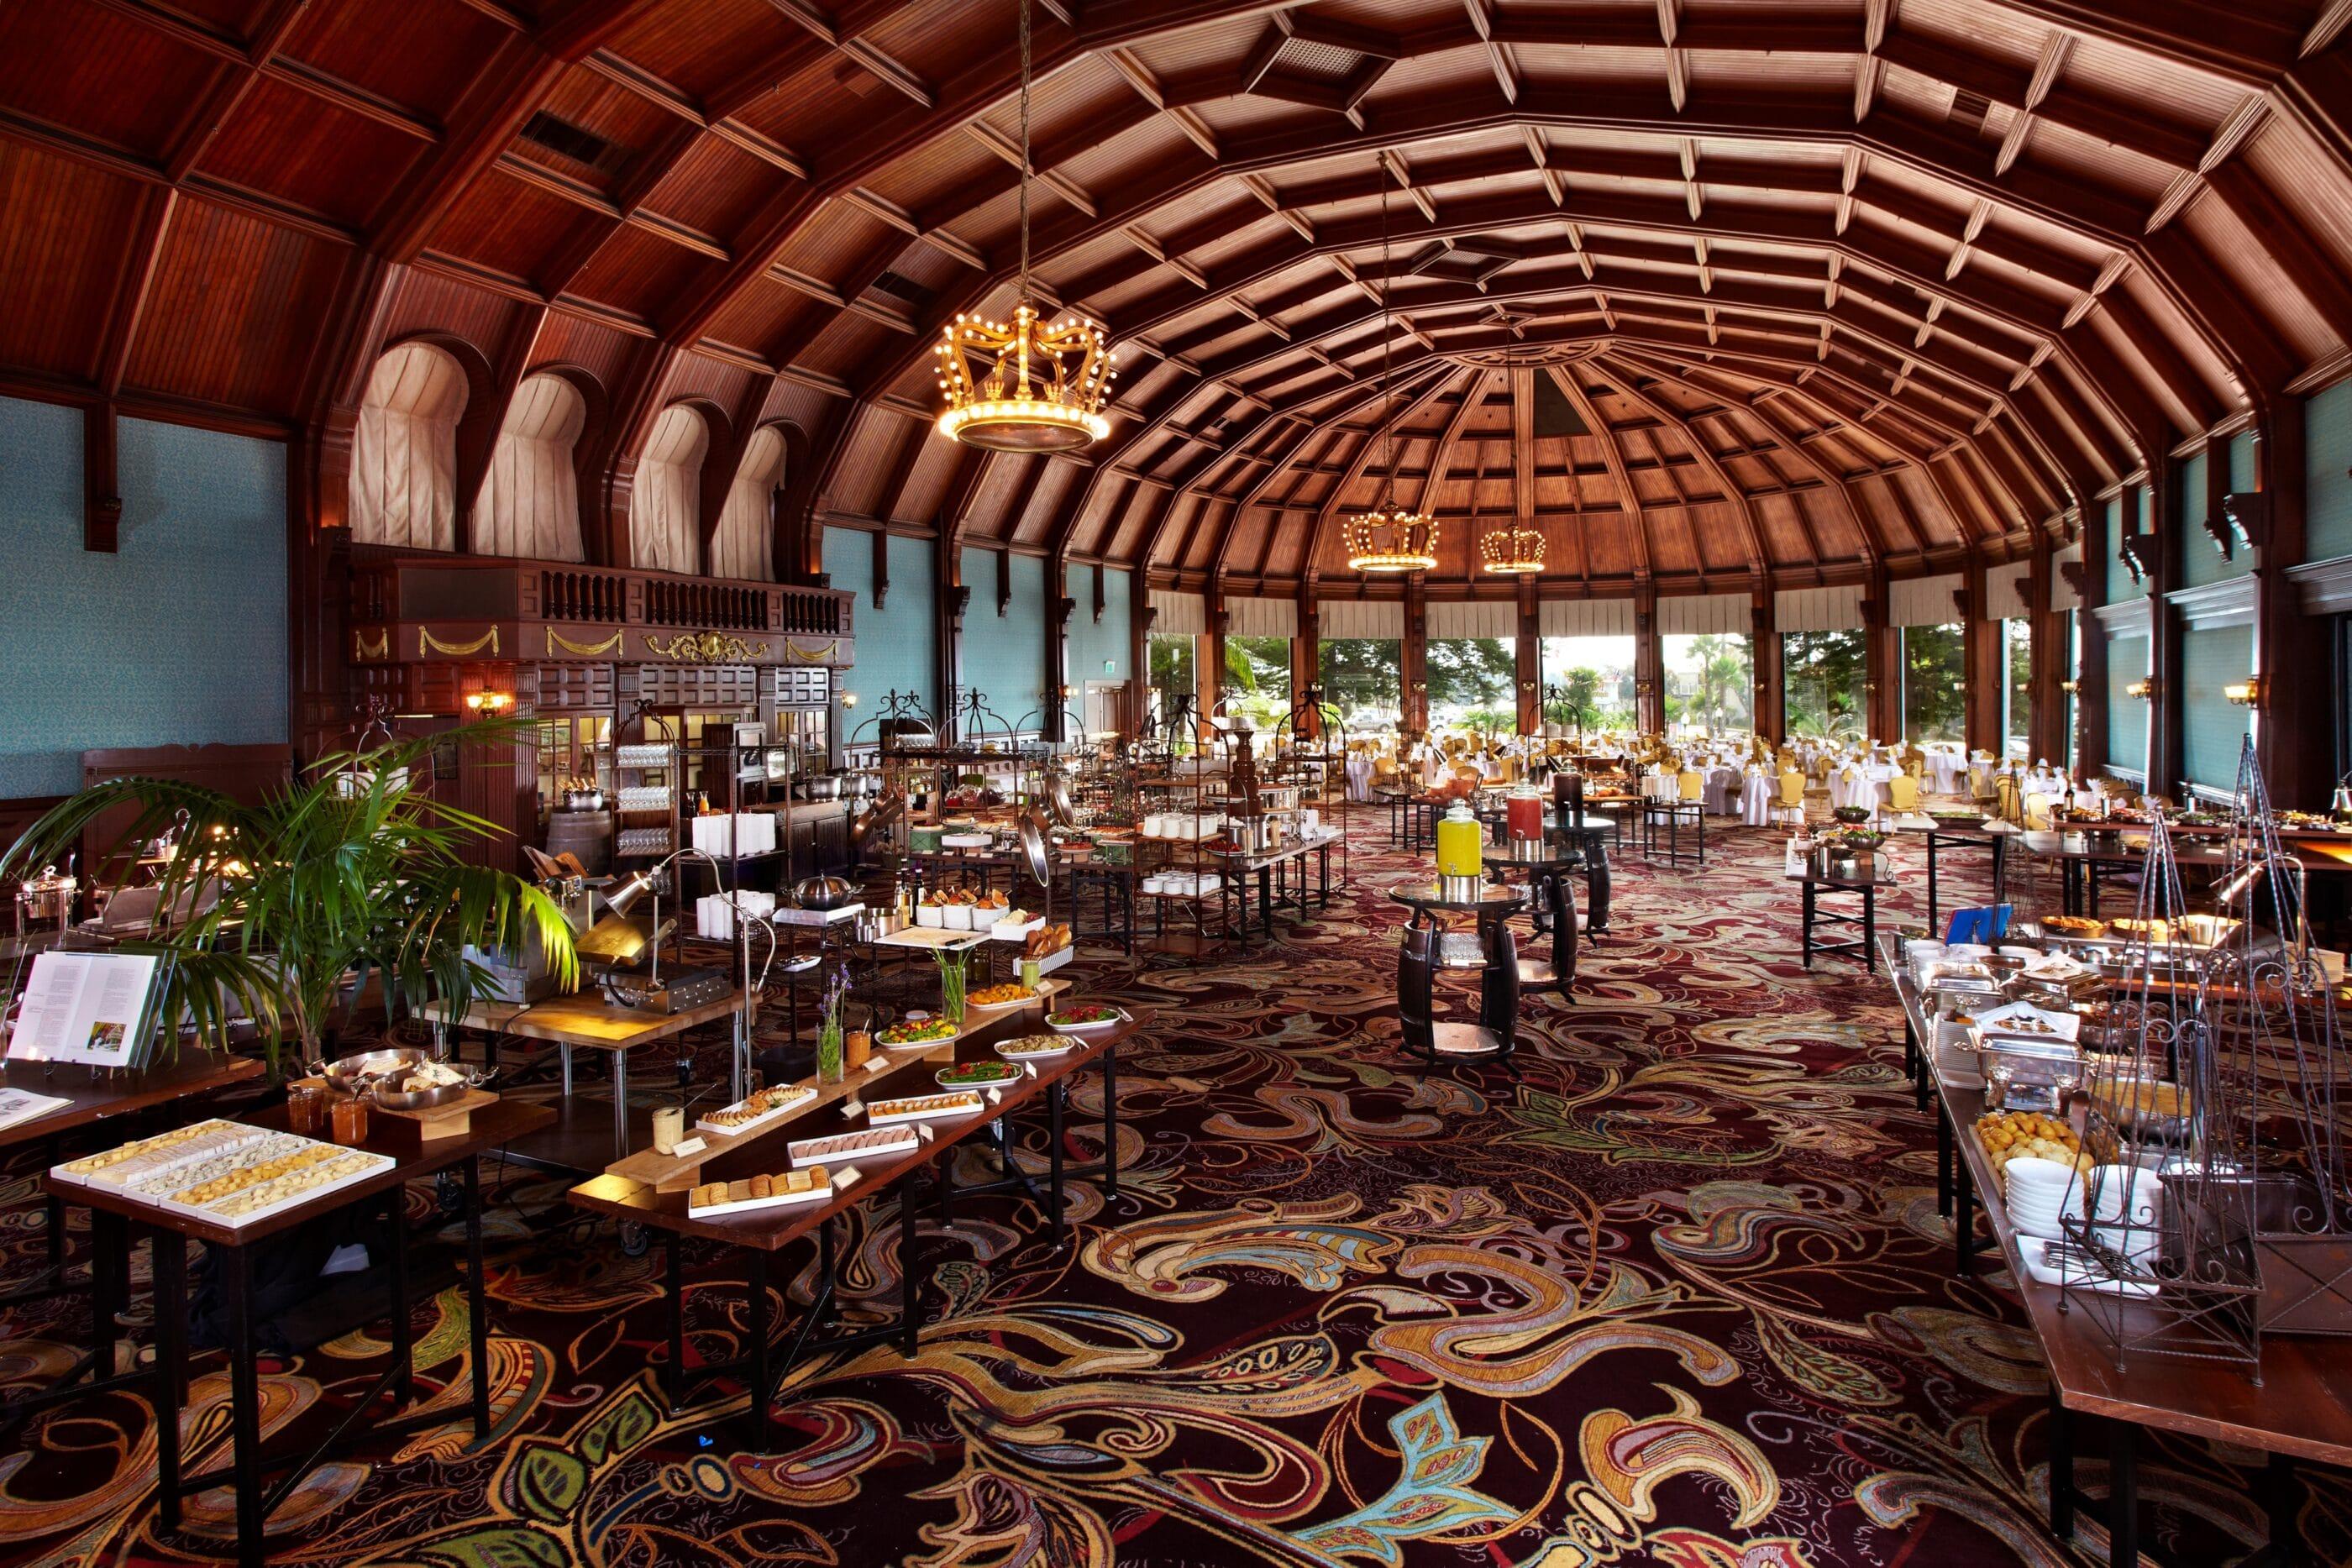 A lavish buffet at the Crown Room at Hotel del Coronado.